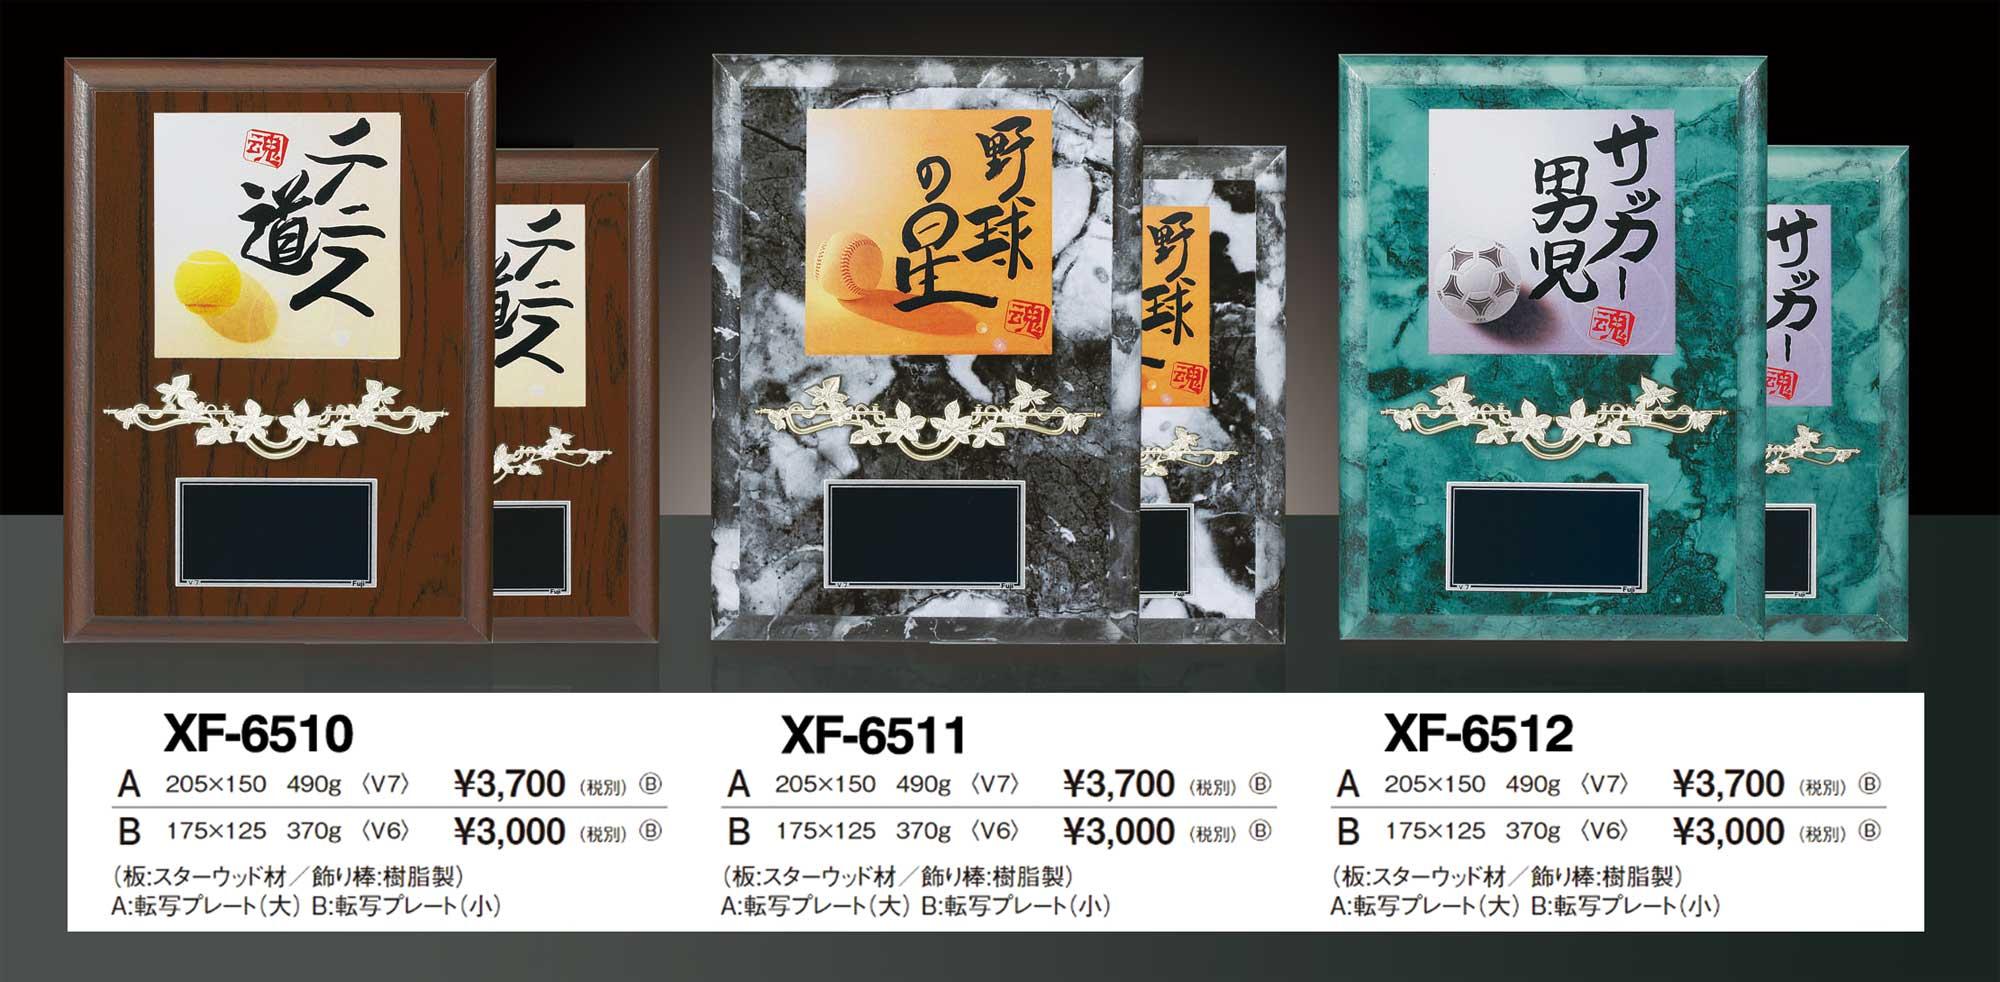 XF6510、XF6511、XF6512